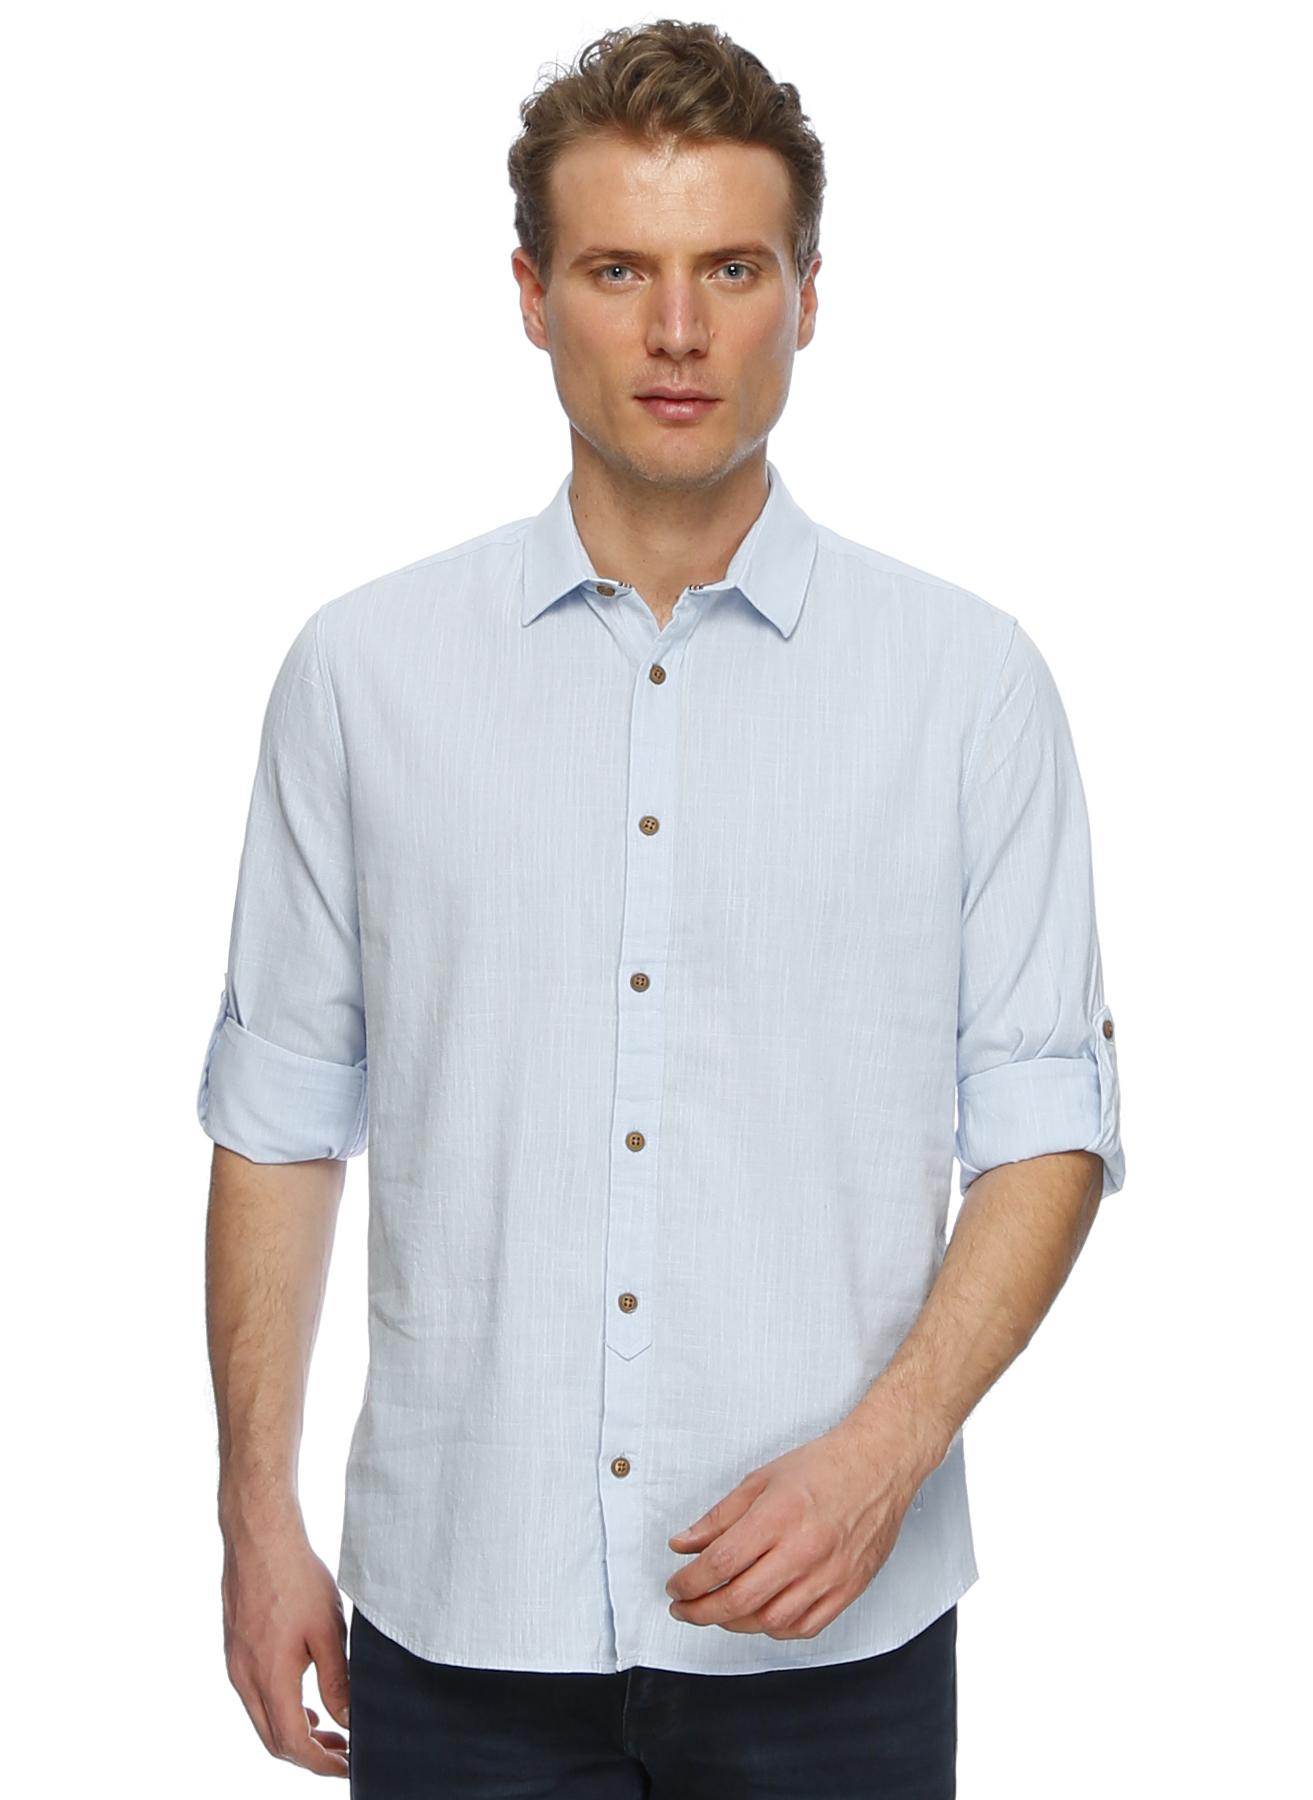 Loft Mavi Keten Gömlek 2XL 5000194673005 Ürün Resmi